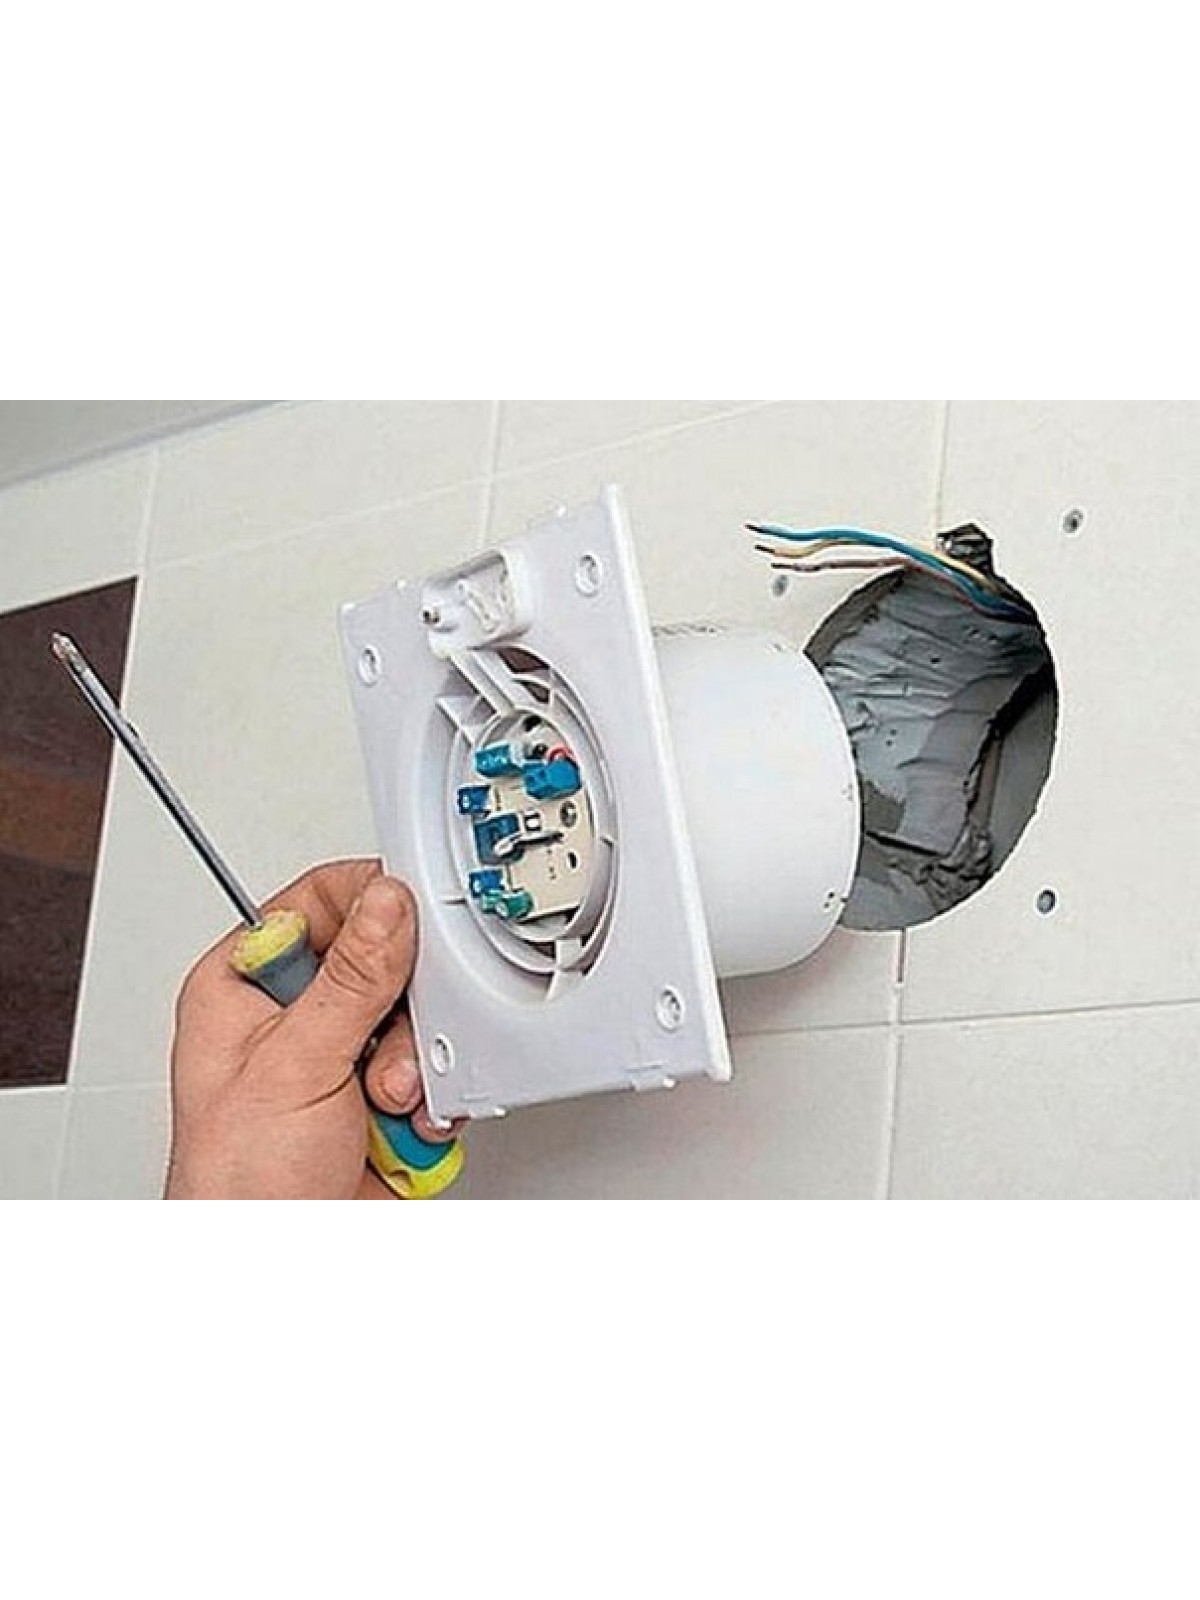 Установка бытового настенного вентилятора в вентиляционную шахту, без прокладки кабеля электропитания